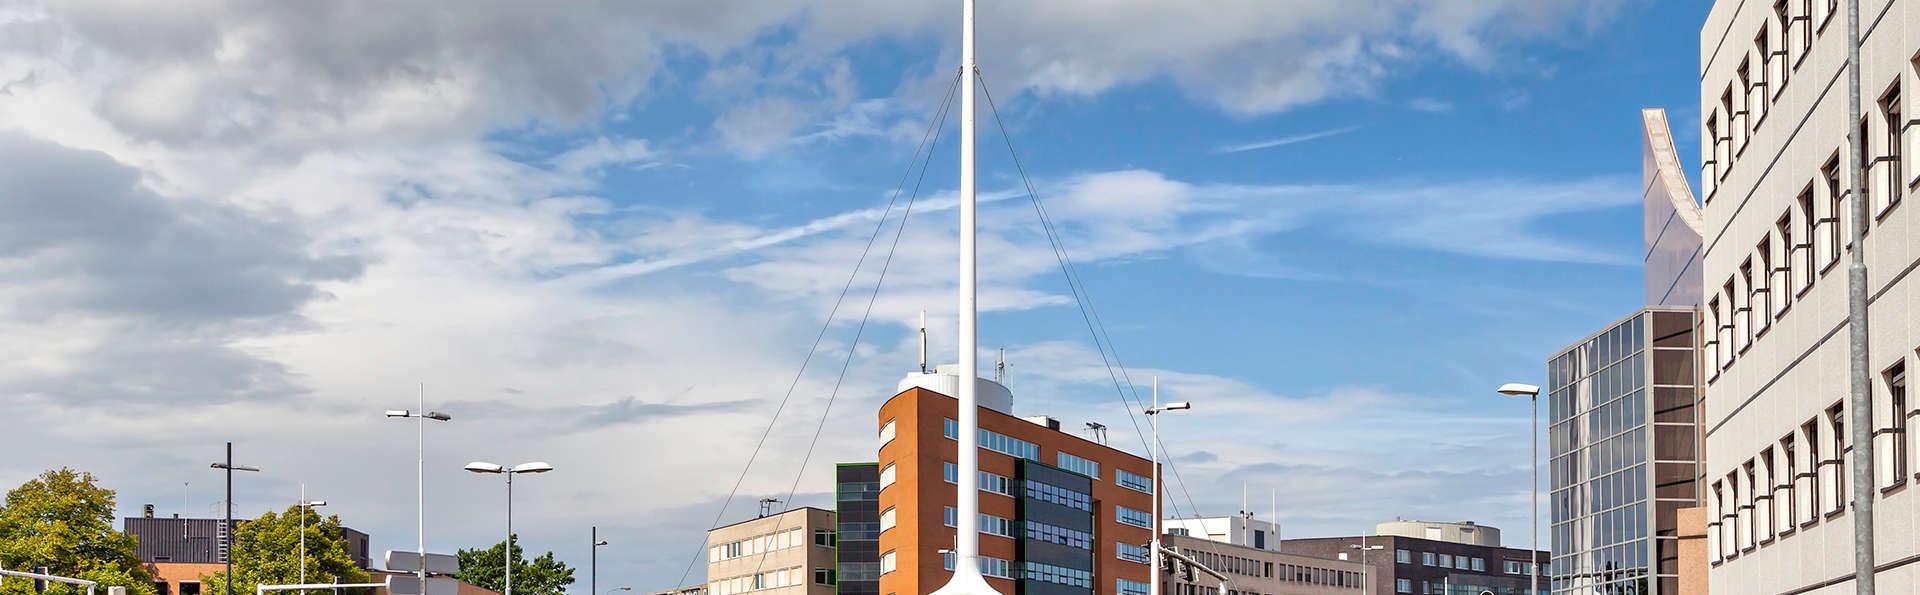 Novotel Eindhoven - EDIT_destination.jpg